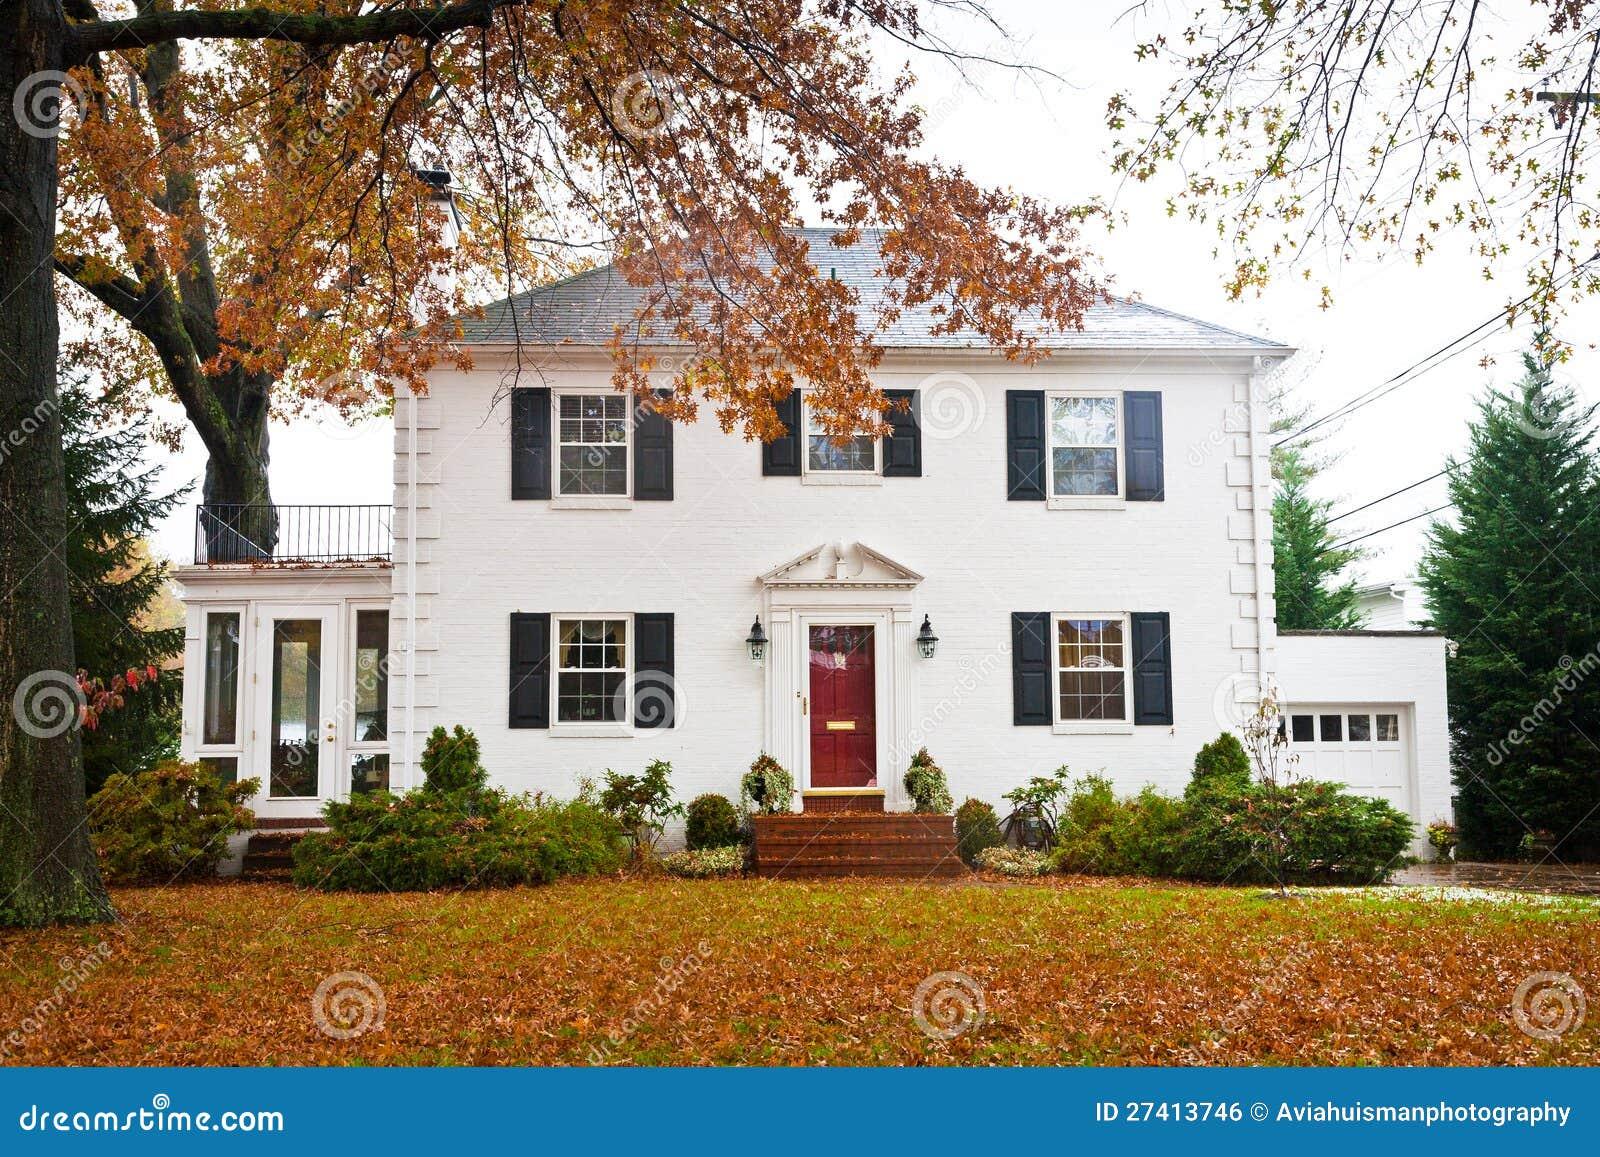 Maison blanche avec une trappe rouge image libre de droits for Maison blanche classique